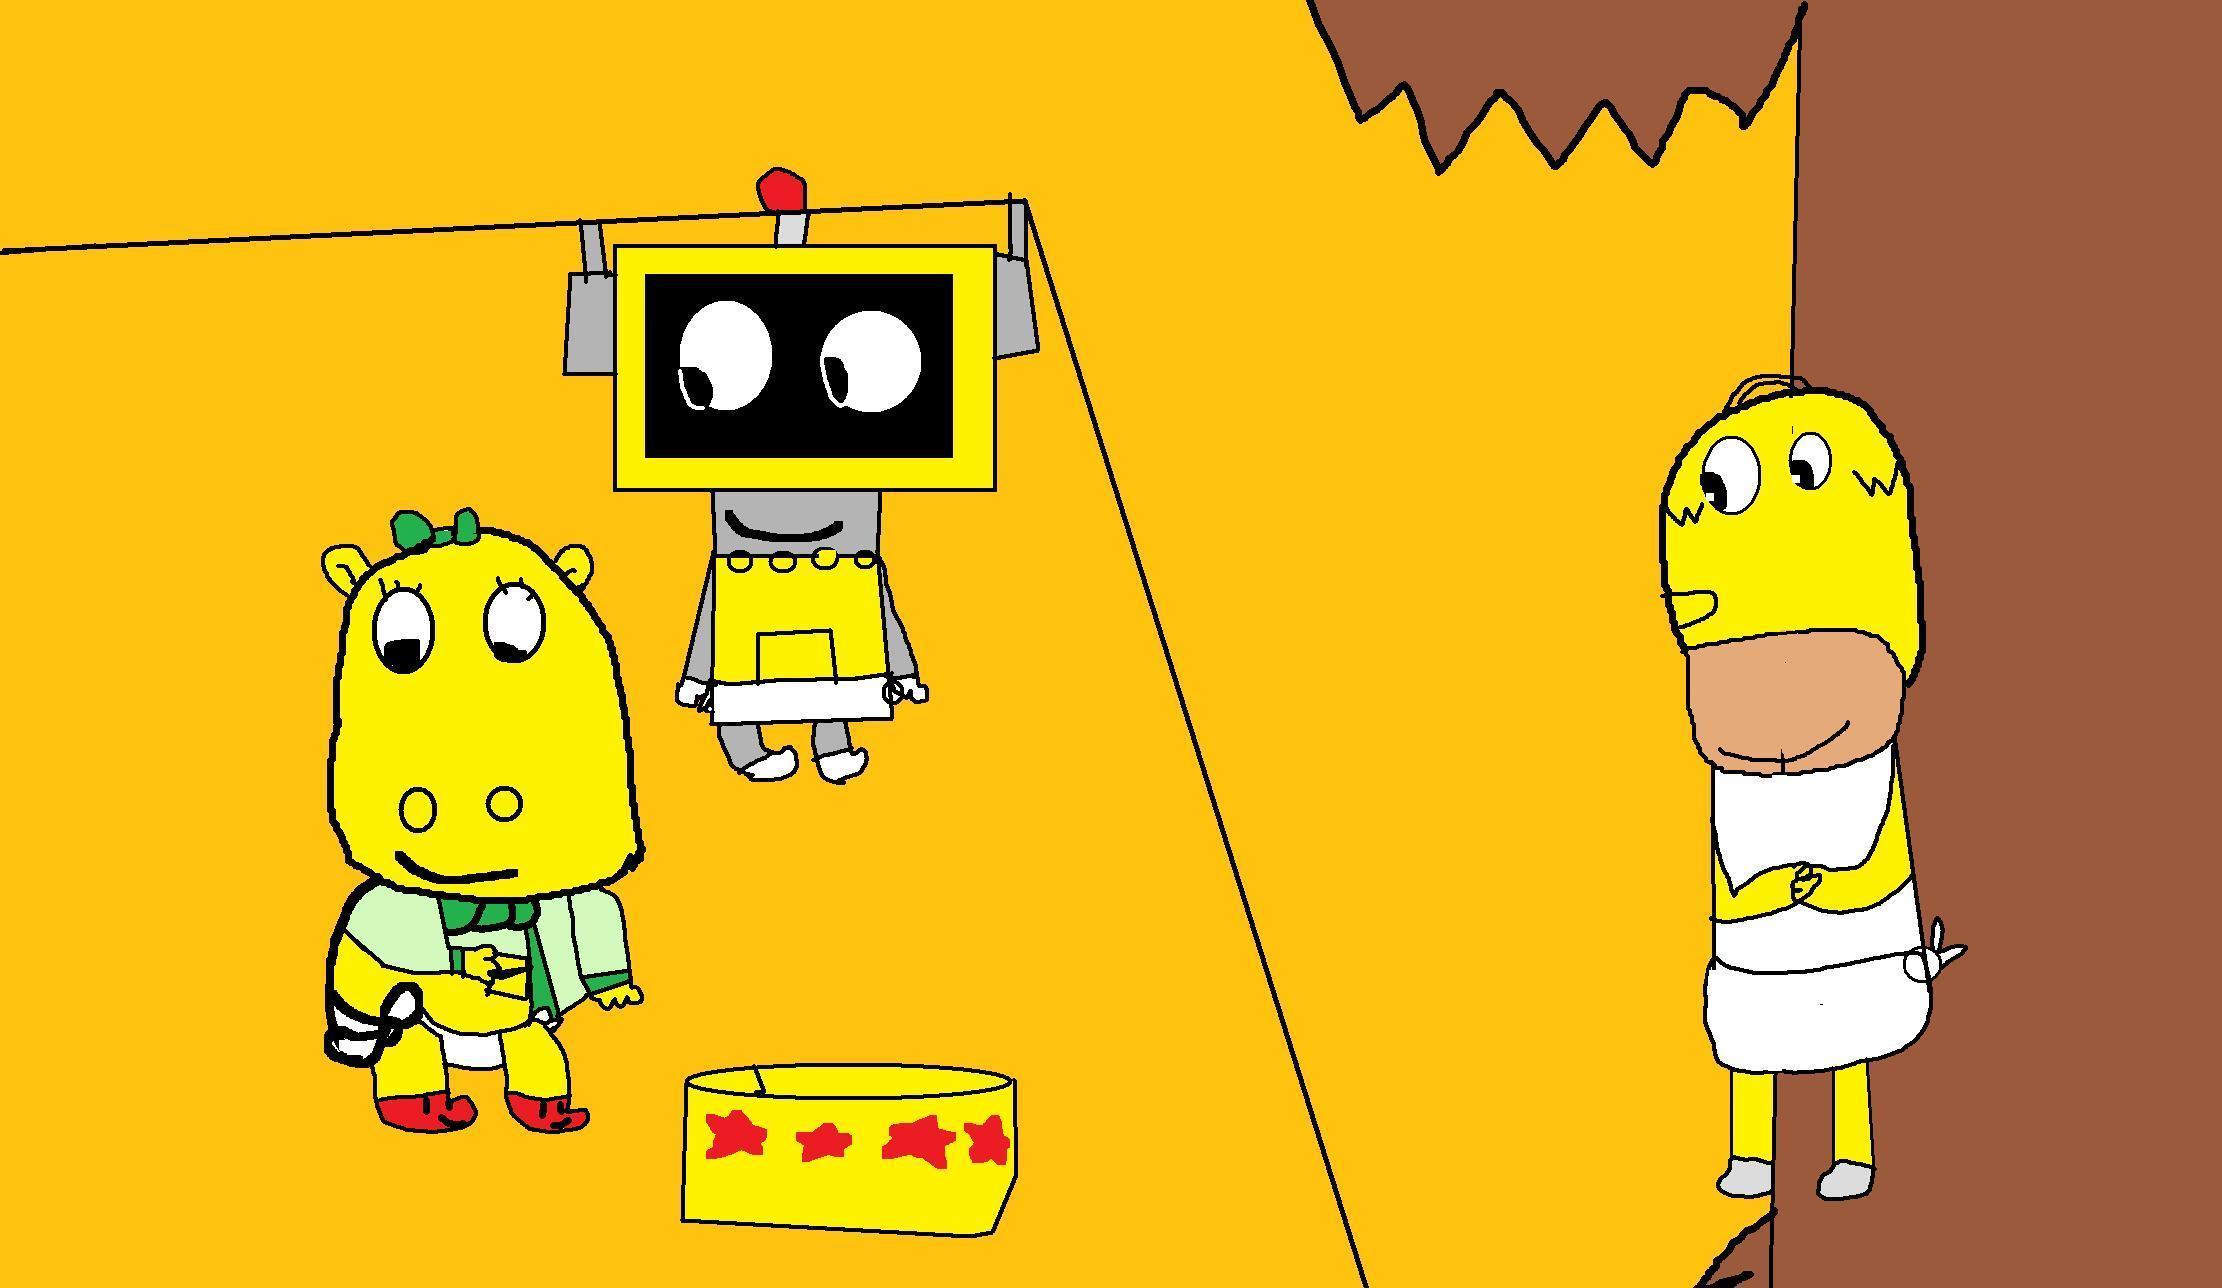 赤ちゃん Tasha Plex & Homer for ever young